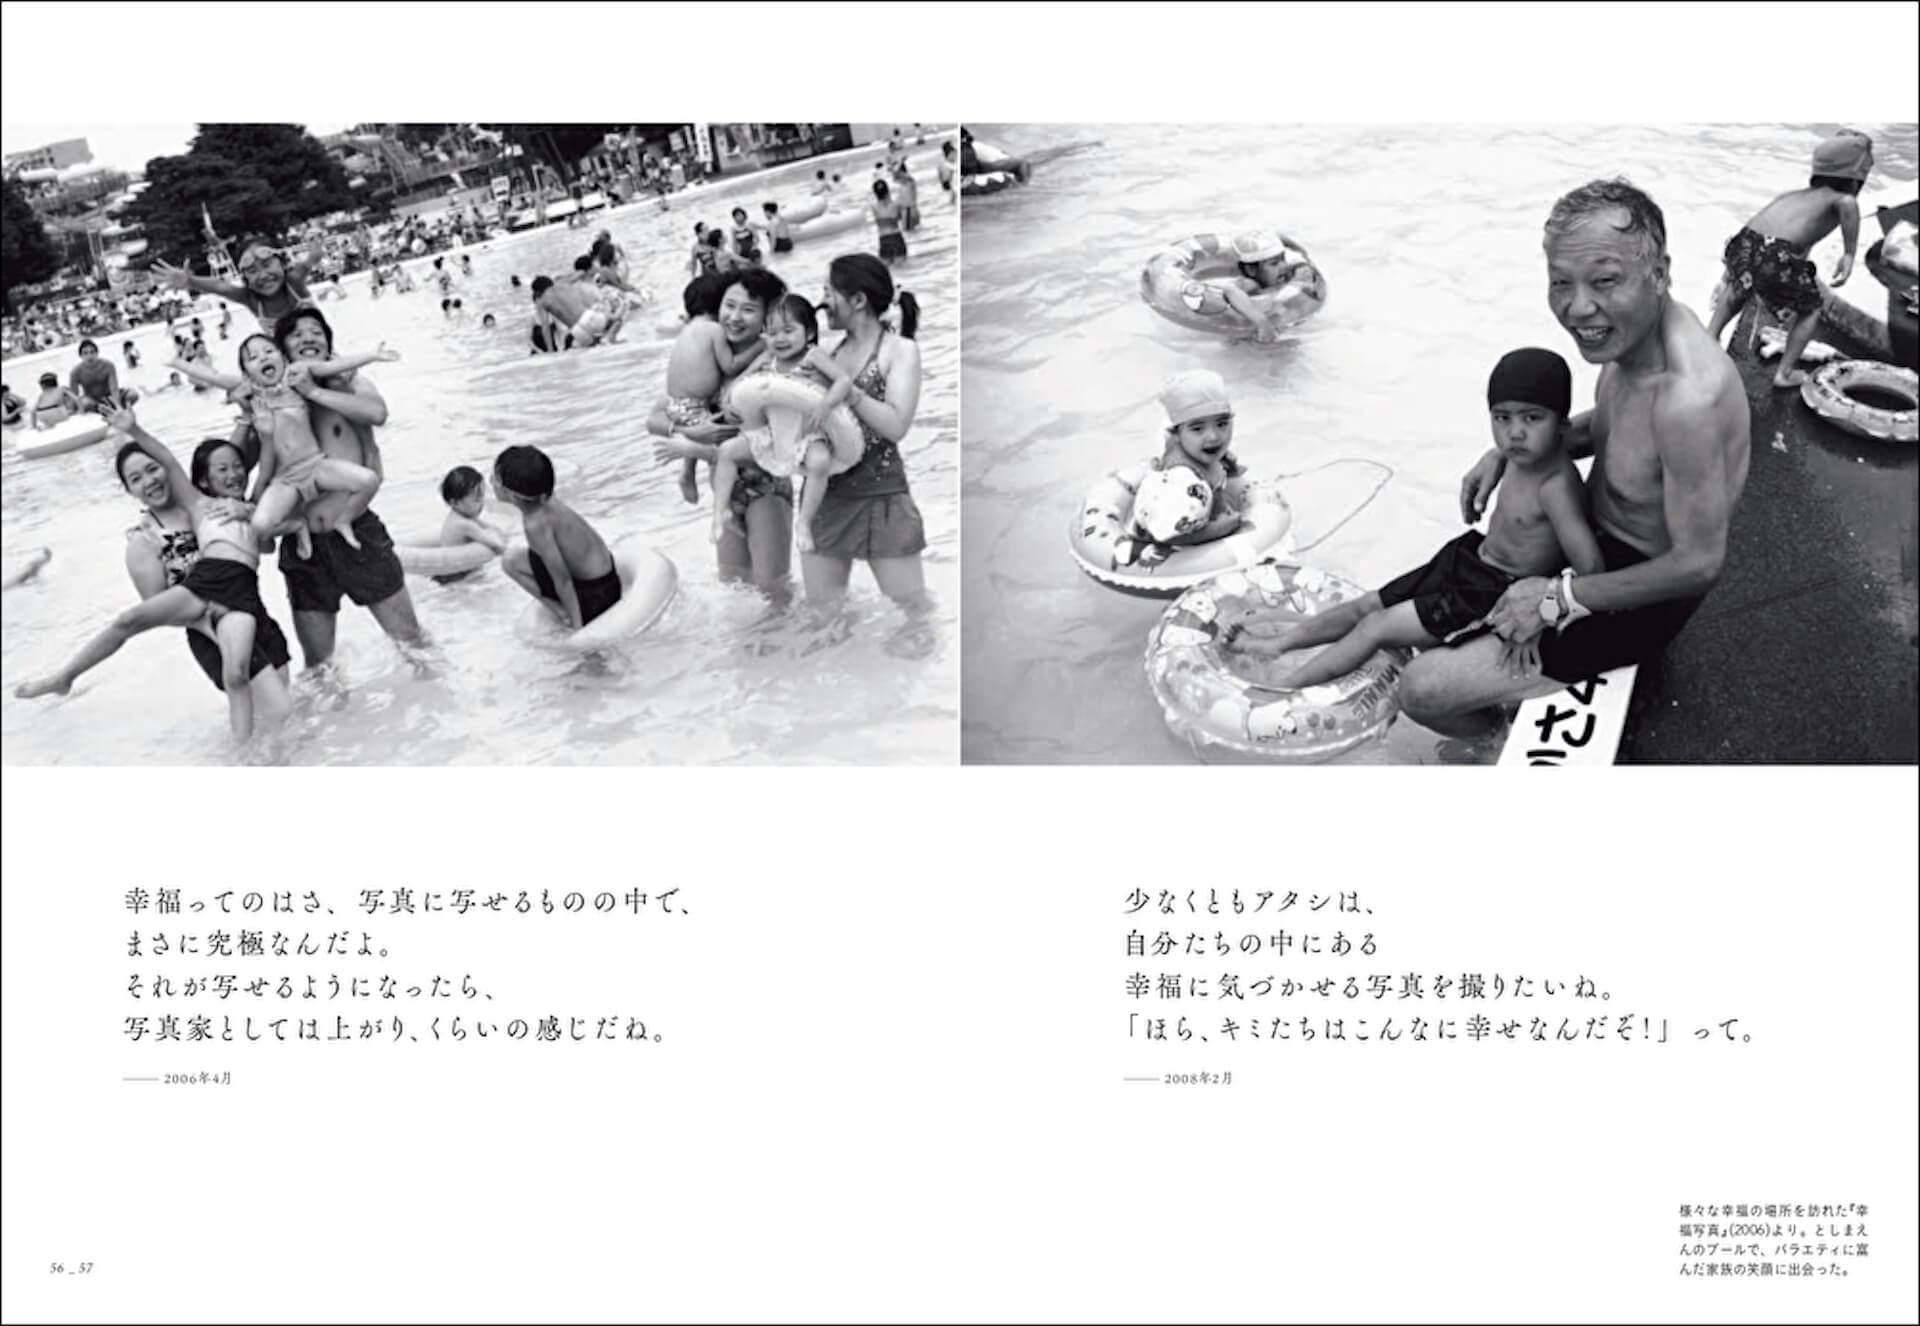 """""""アラーキー""""こと写真家・荒木経惟の20年間の名言と生涯の名作を集めた保存版「写真言集」が81歳の誕生日に発売! art210525_nobuyoshi-araki-210525_3"""